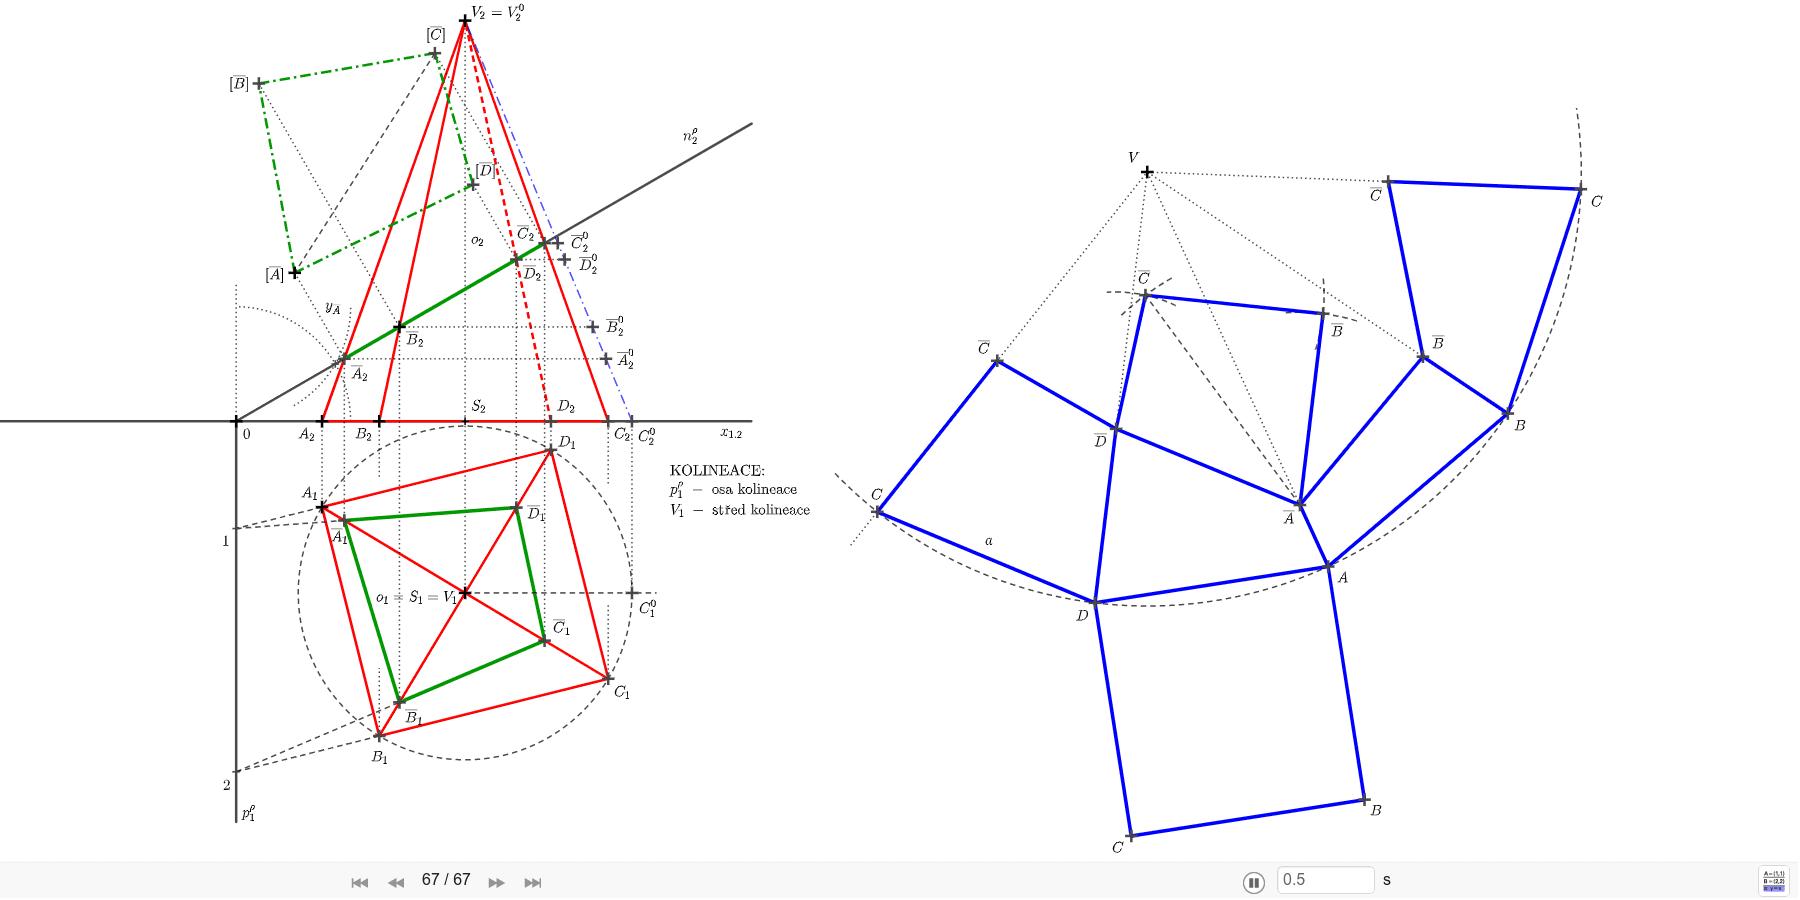 Sestrojte řez pravidelného čtyřbokého jehlanu ABCDV rovinou ρ=(0; 90°; 30°). Jehlan má podstavu ABCD v půdorysně, A=[1,5; 1,5; 0] a hlavní vrchol V=[4; 3; 7]. Sestrojte síť seříznuté části. (Skutečná velikost řezu sestrojena pomocí sklápění do nárysny) Zahajte aktivitu stisknutím klávesy Enter